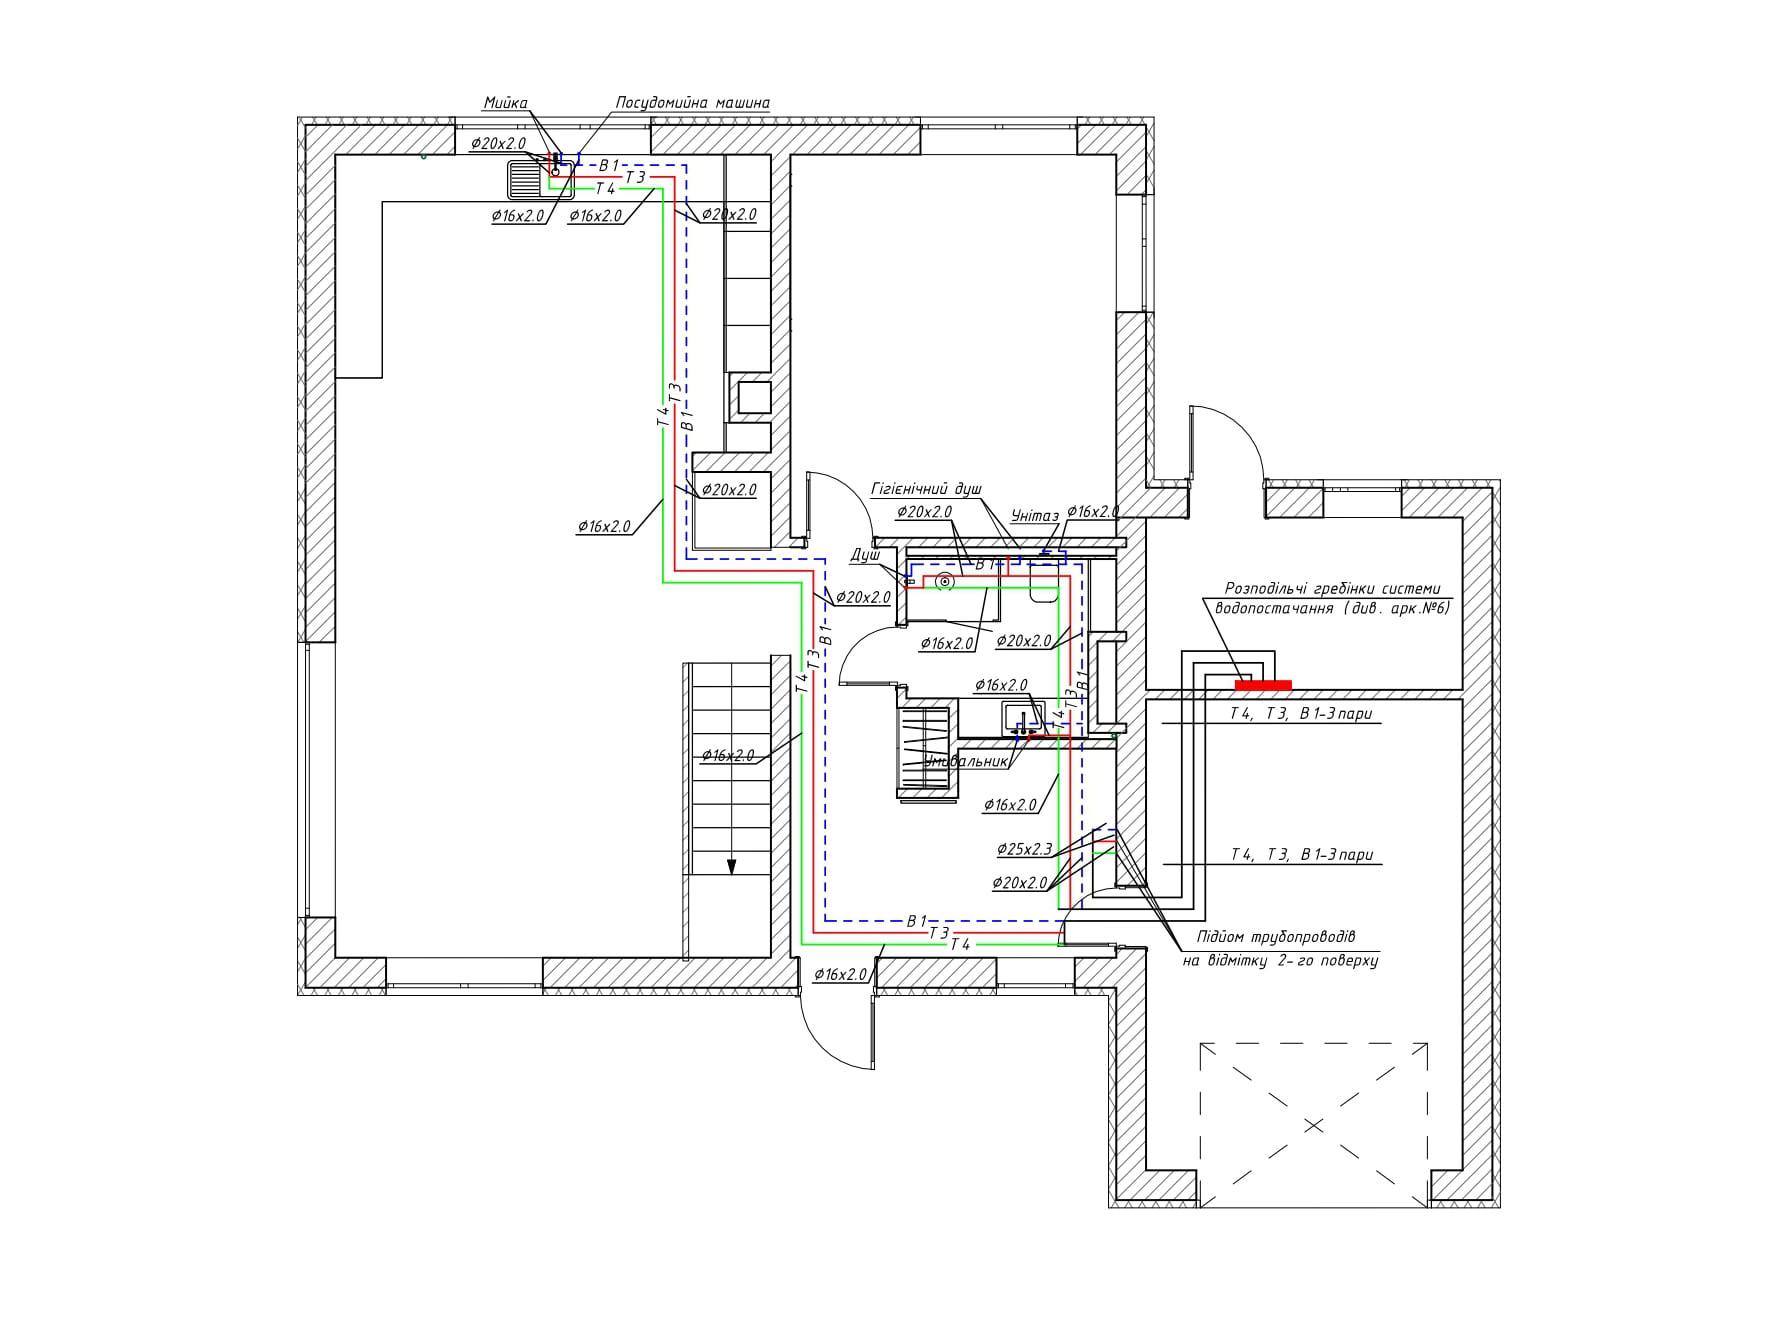 Схема системы водоснабжения, реализованная на 1 этаже частного дома